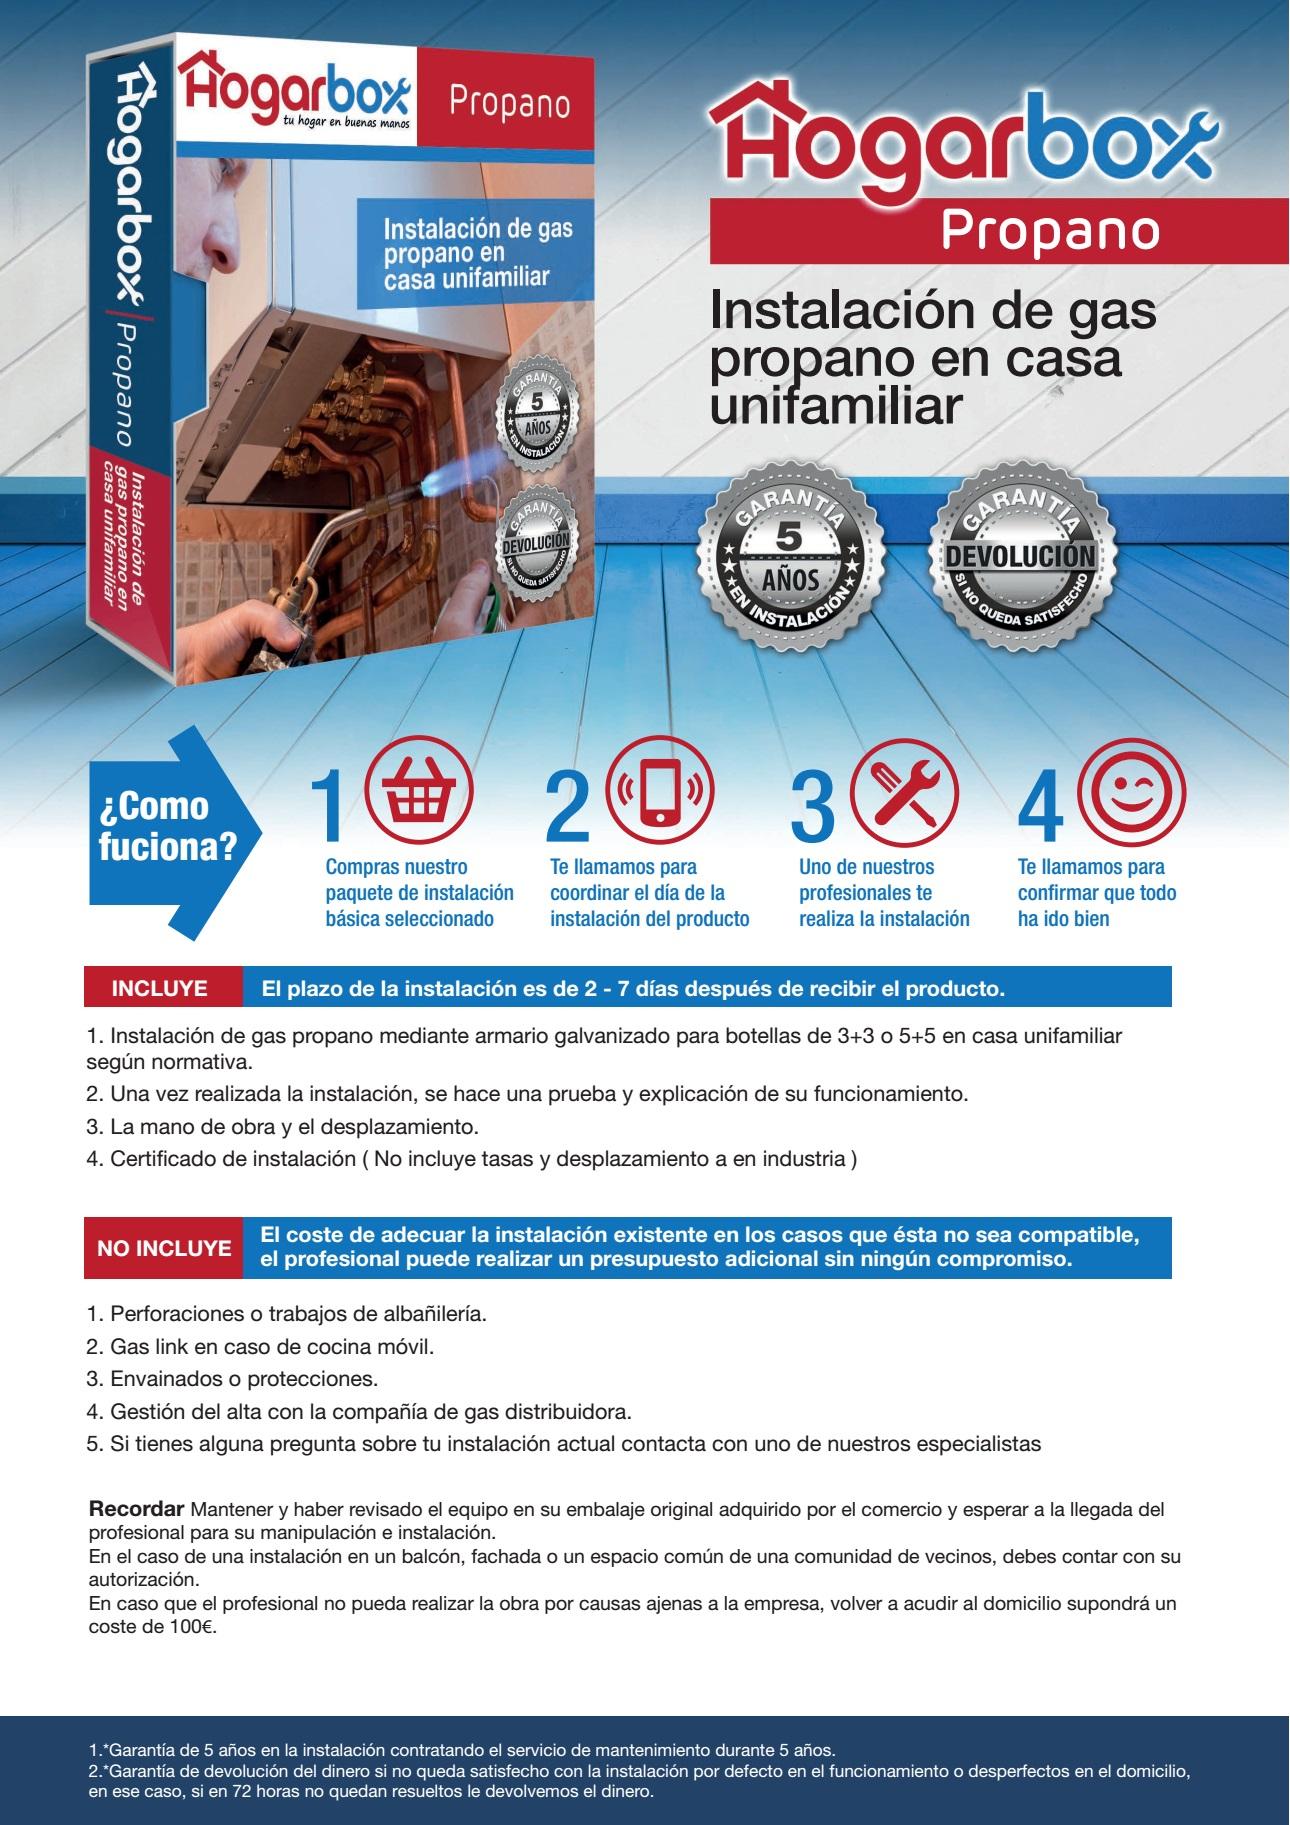 Hogarbox propano precio instalaci n gas propano for Calderas de gas propano